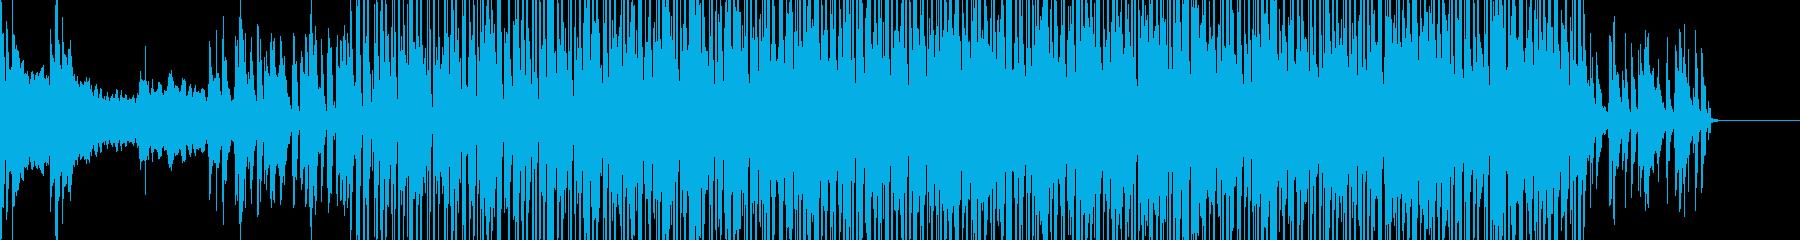 アコースティック/ブルースはギター...の再生済みの波形